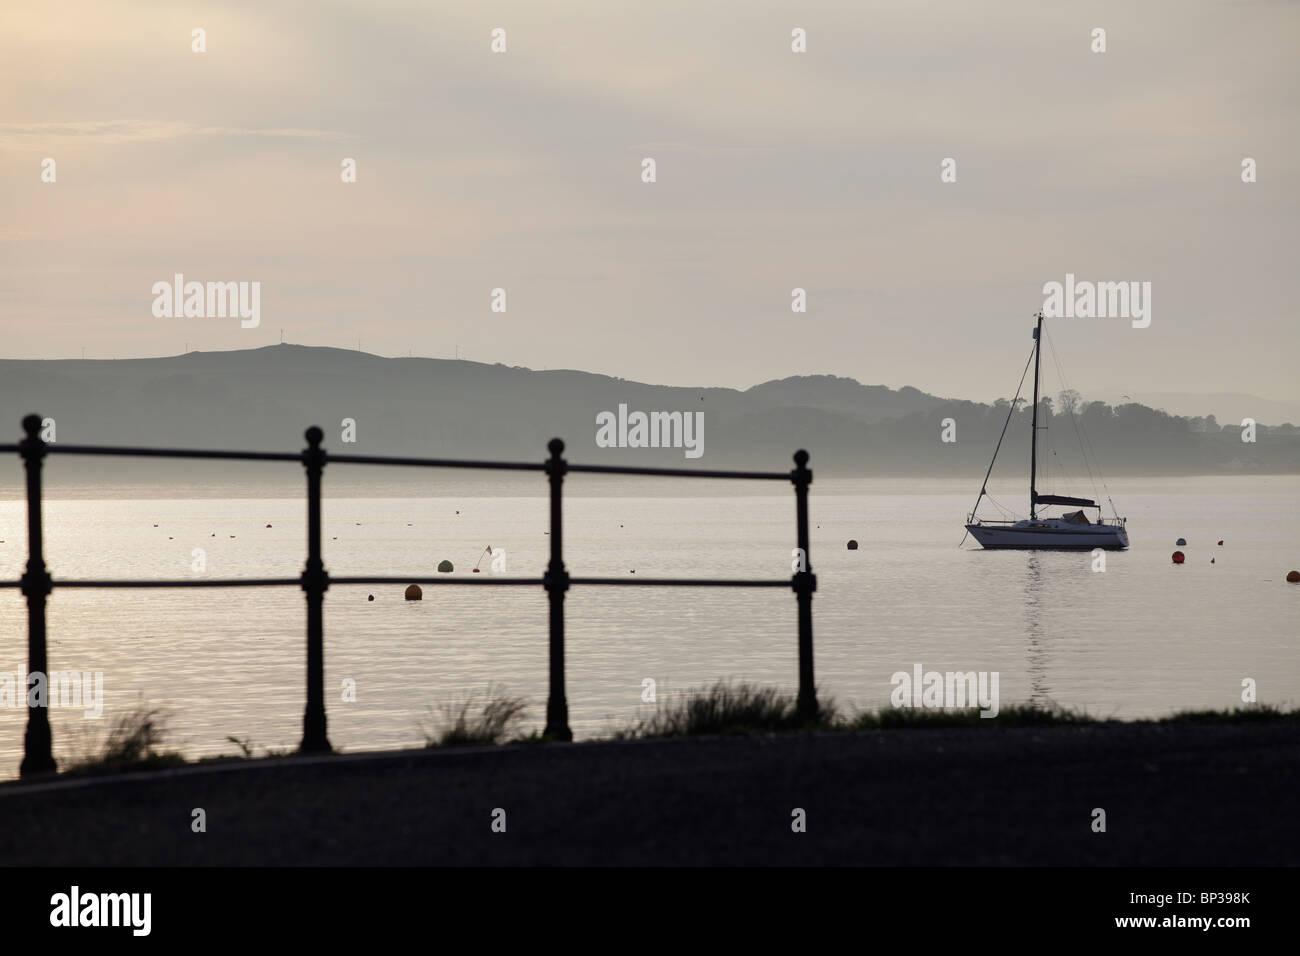 À la vue sur le Firth of Clyde de Fairlie à l'île de Great (Cumbrae) sur la côte ouest de l'Écosse, l'Ayrshire, UK Banque D'Images